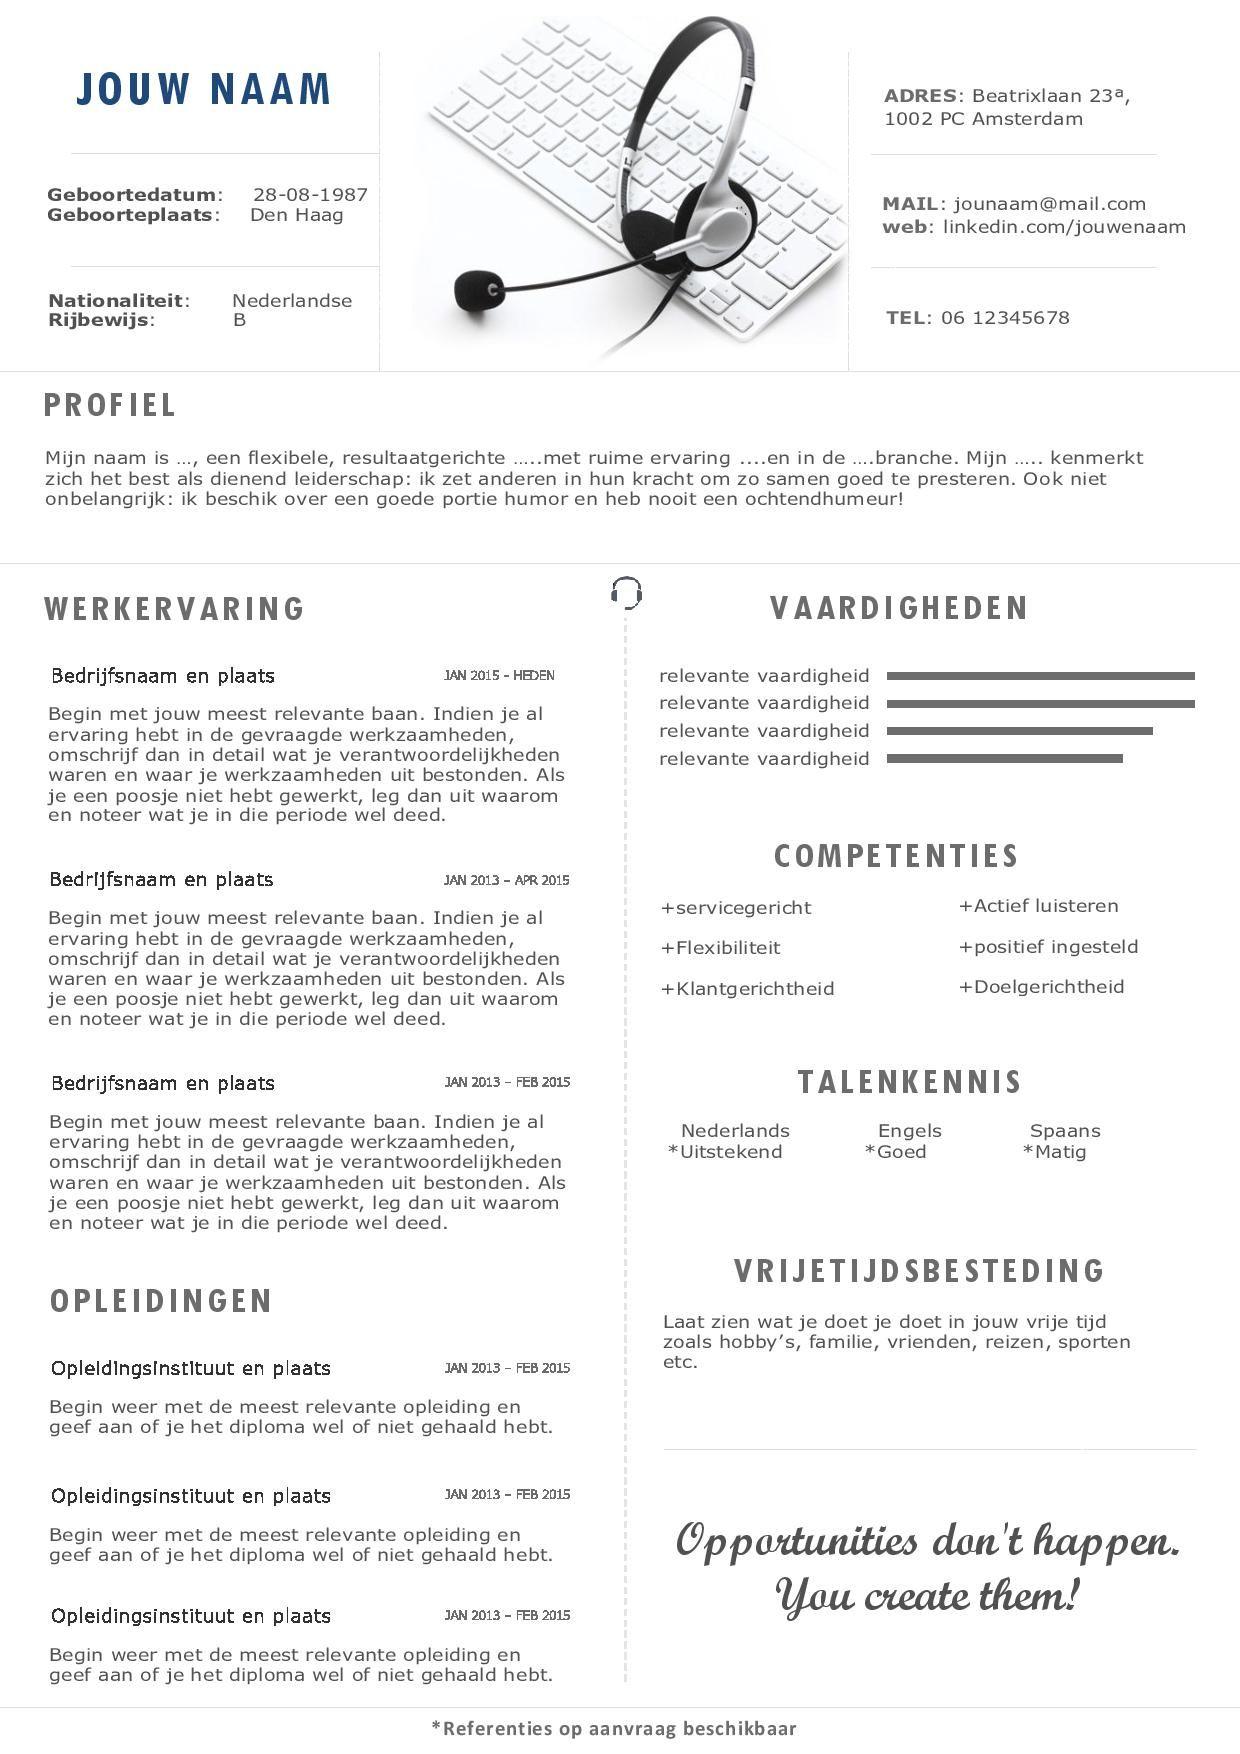 het cv en sollicitatiebrief voor de callcenter branche moderne het cv en sollicitatiebrief voor de callcenter branche